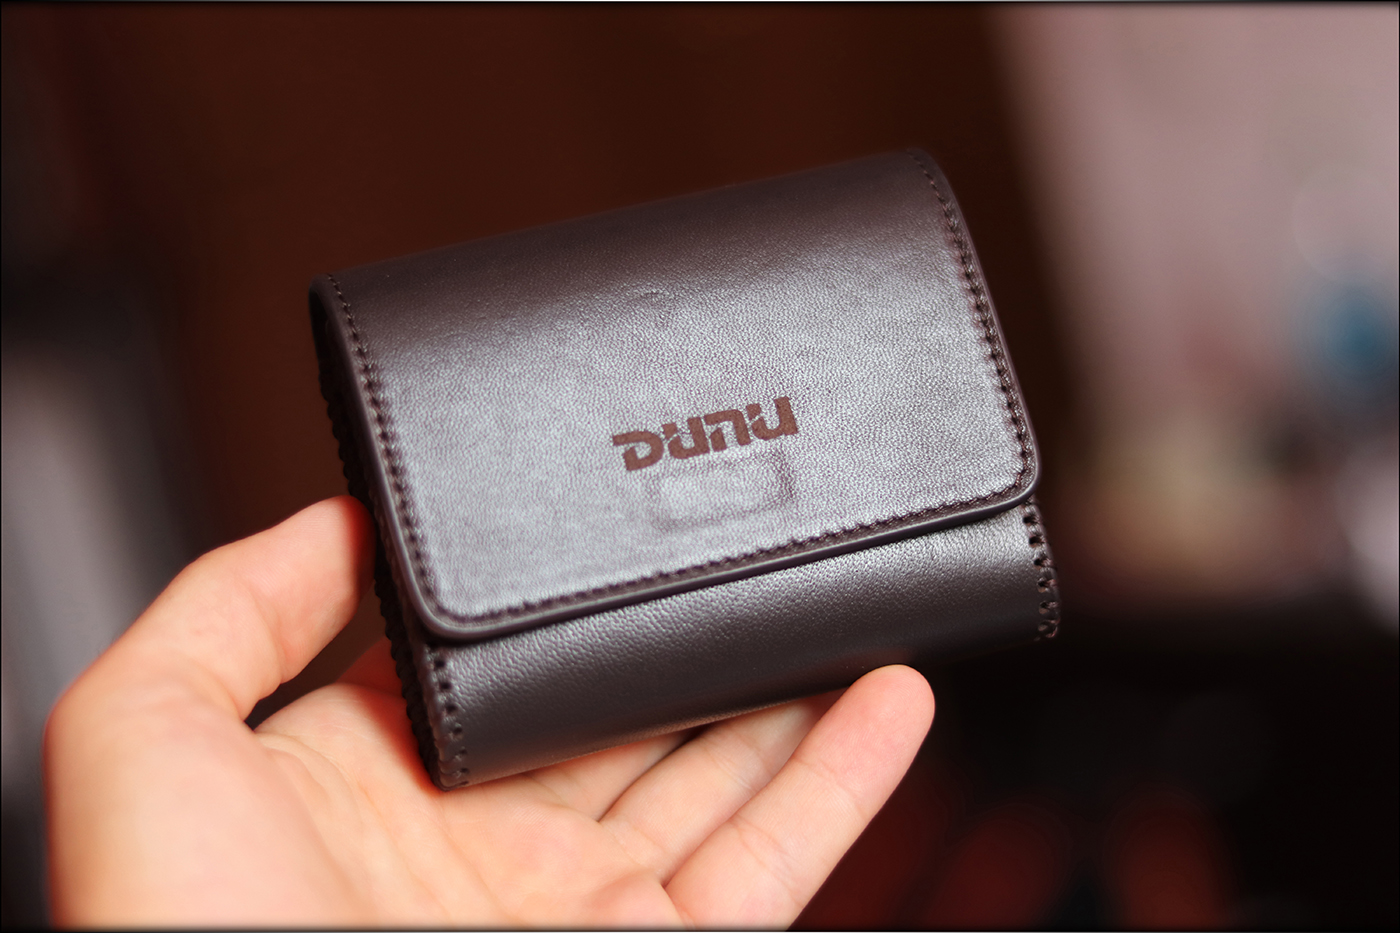 Dunu-DK-4001-Hybrid-Dynamic-BA-IEMs-Earphones-Be-Audiophile-Heaven-Review-09.jpg